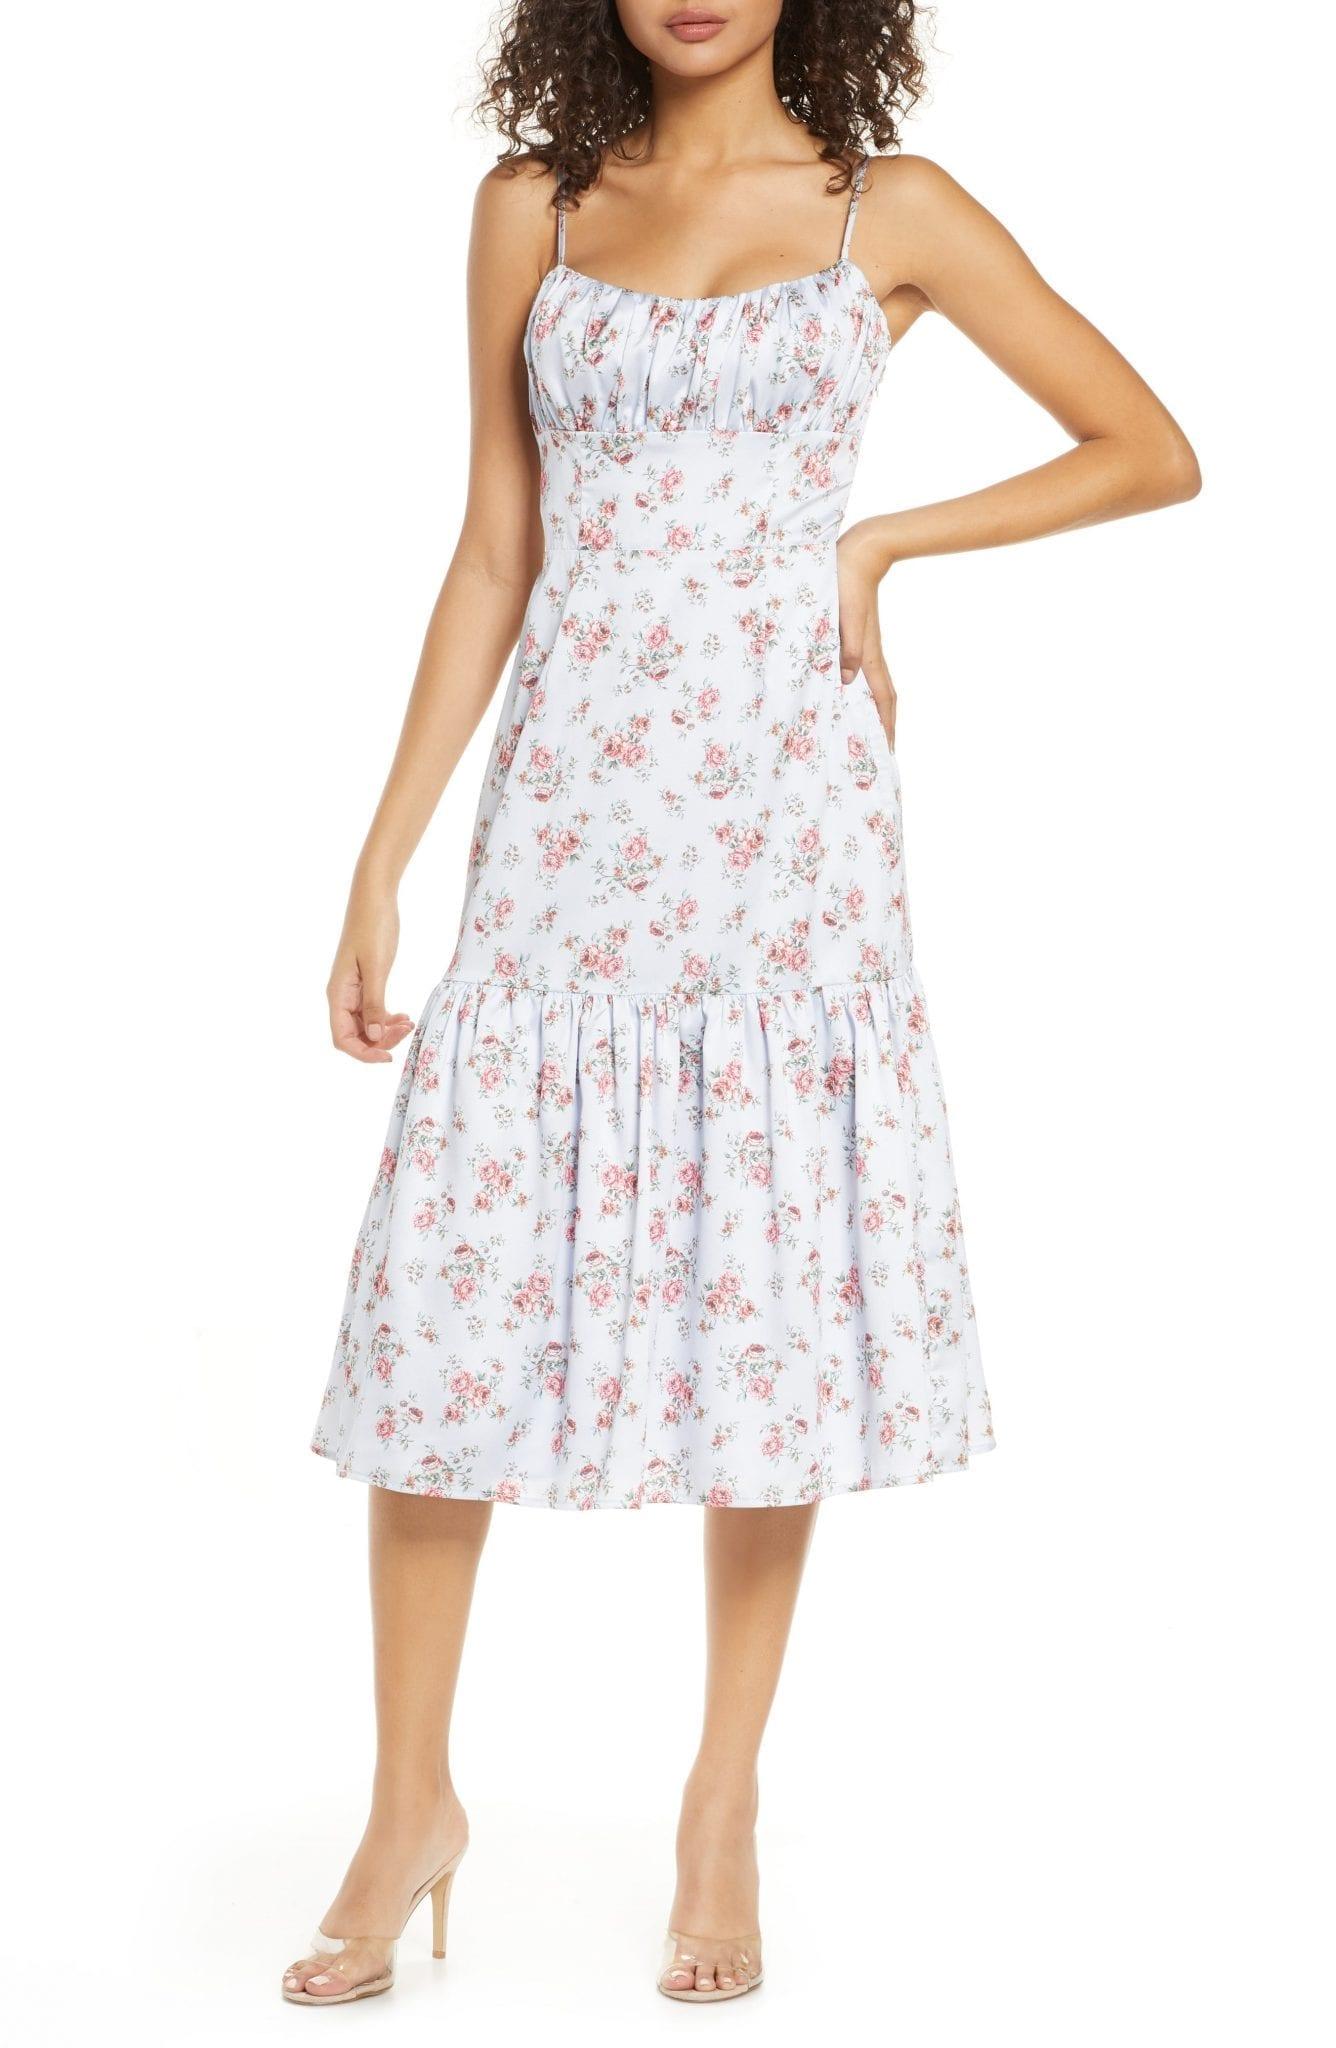 BELLEVUE THE LABEL Rosetta Floral Ruffle Hem Dress